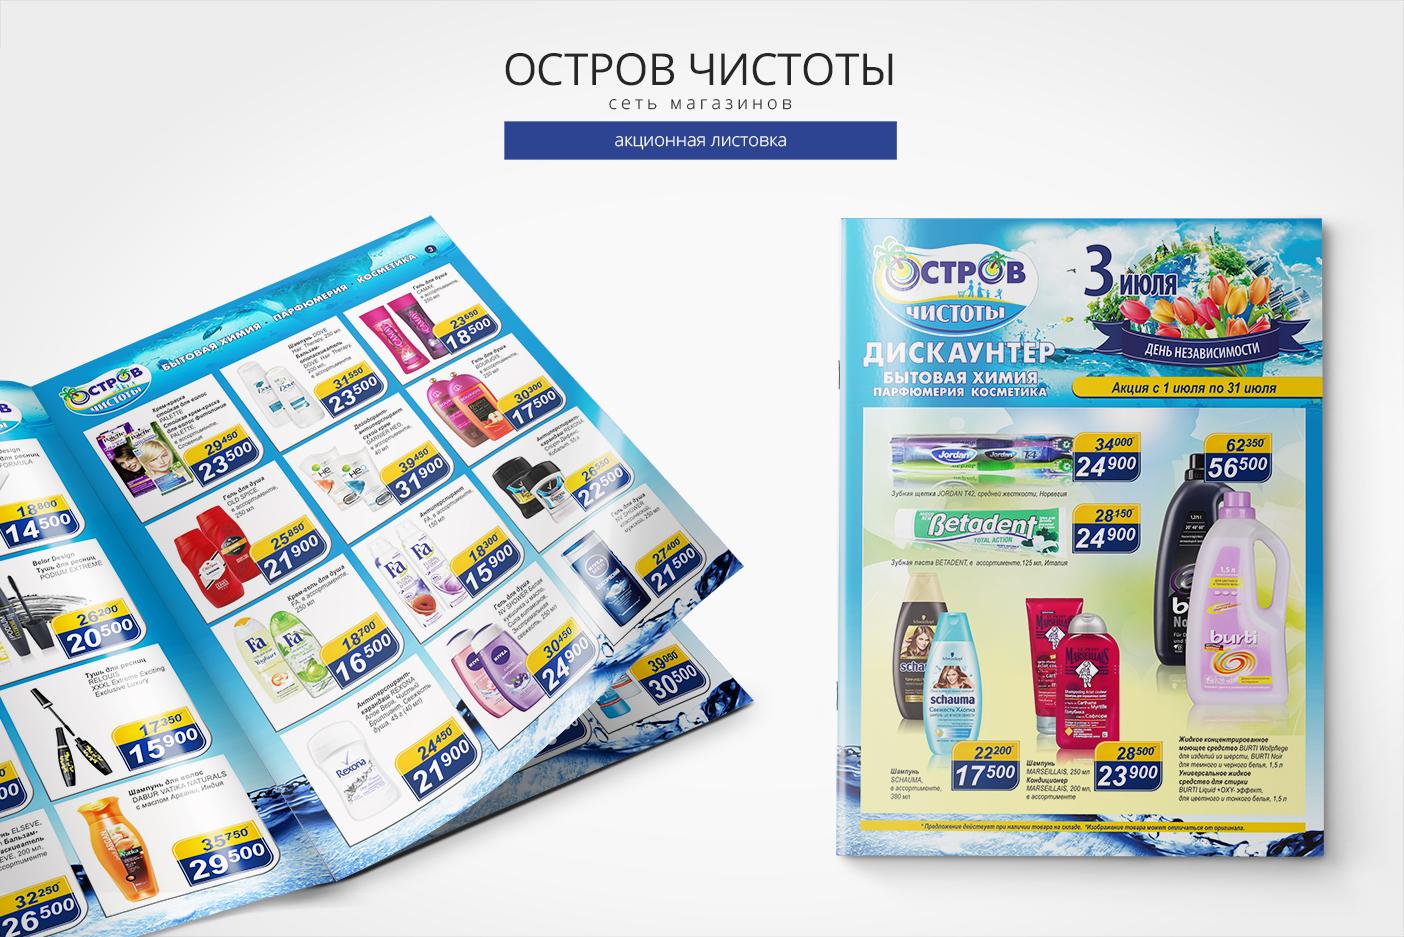 """Листовка для сети магазинов """"ОСТРОВ ЧИСТОТЫ""""_8 стр."""